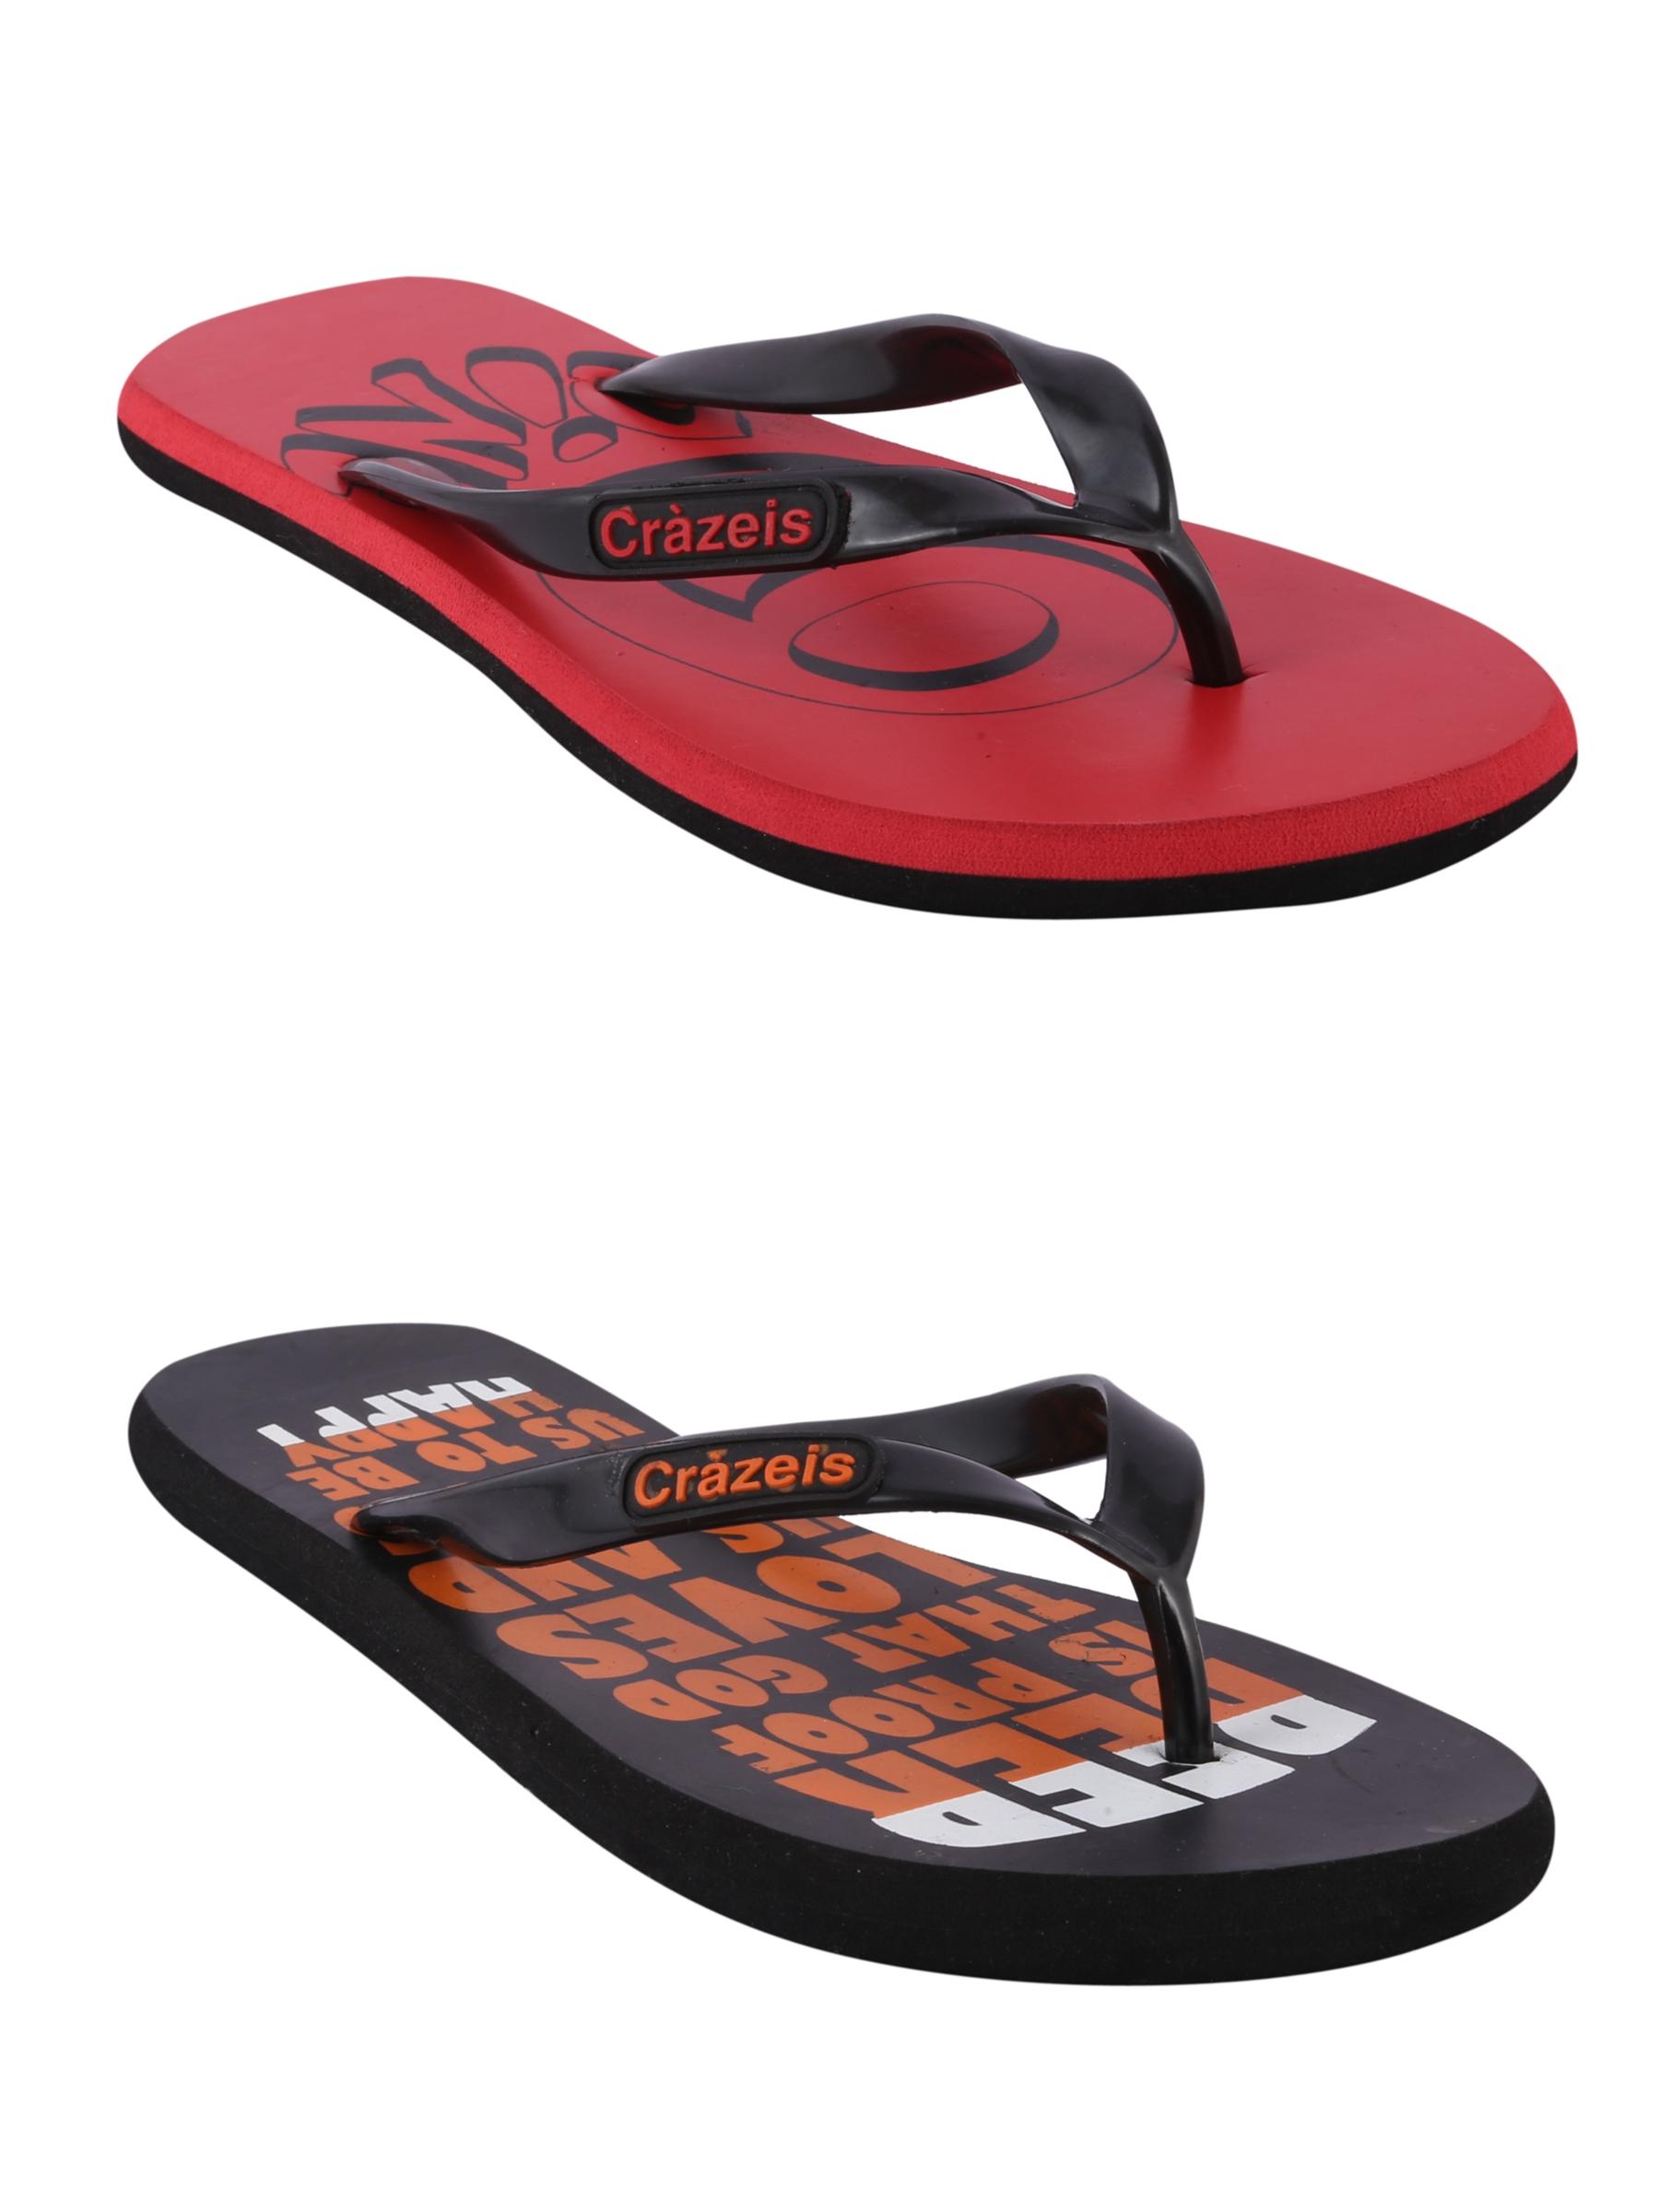 crazeis2 Crazeis Flip-flops Pack Of 2 For Men-009